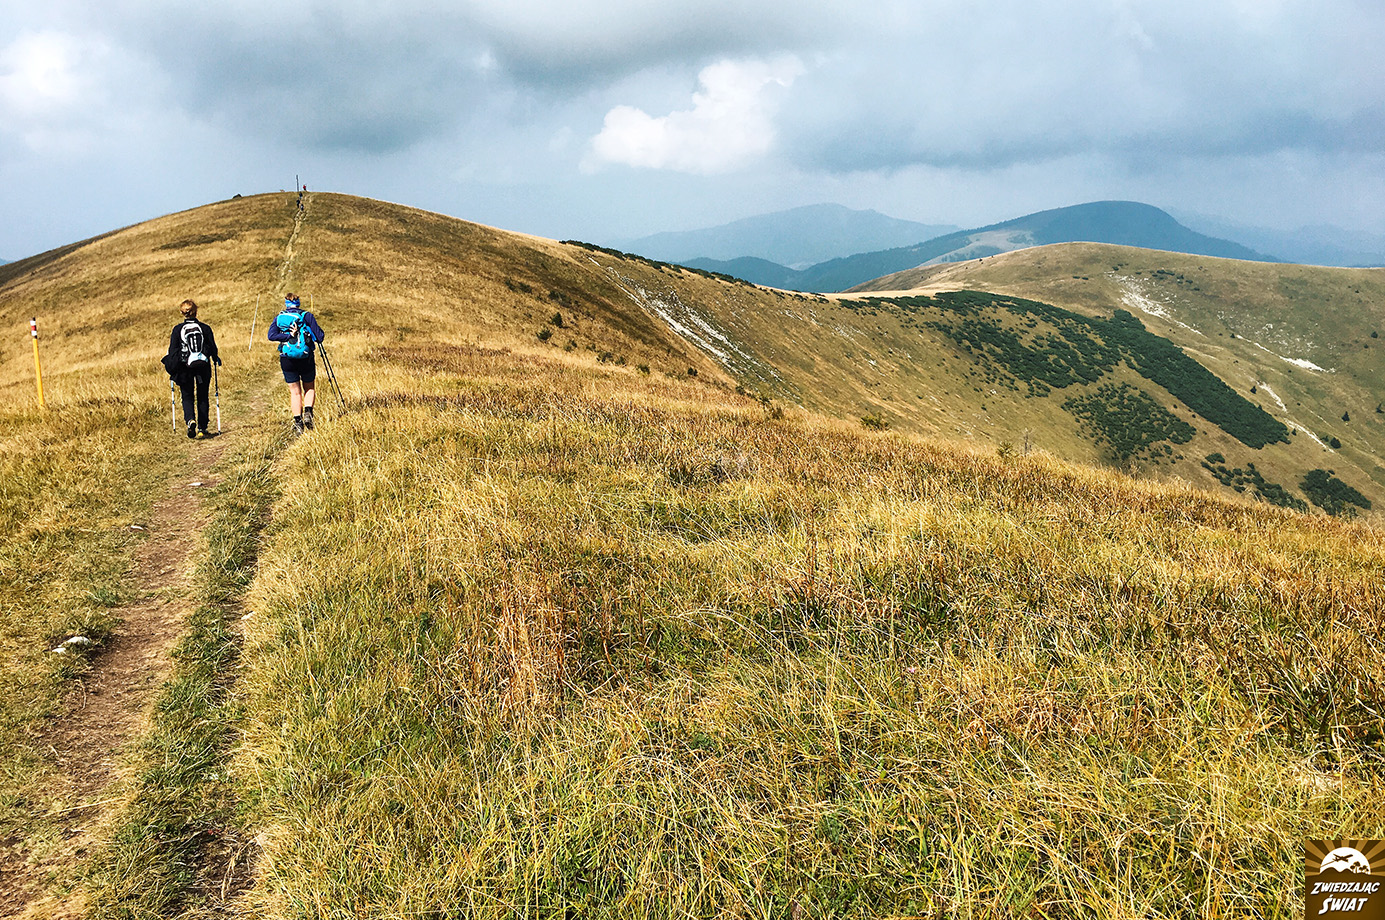 szlak Ostredok-Suchý vrch, Wielka Fatra, Słowacja